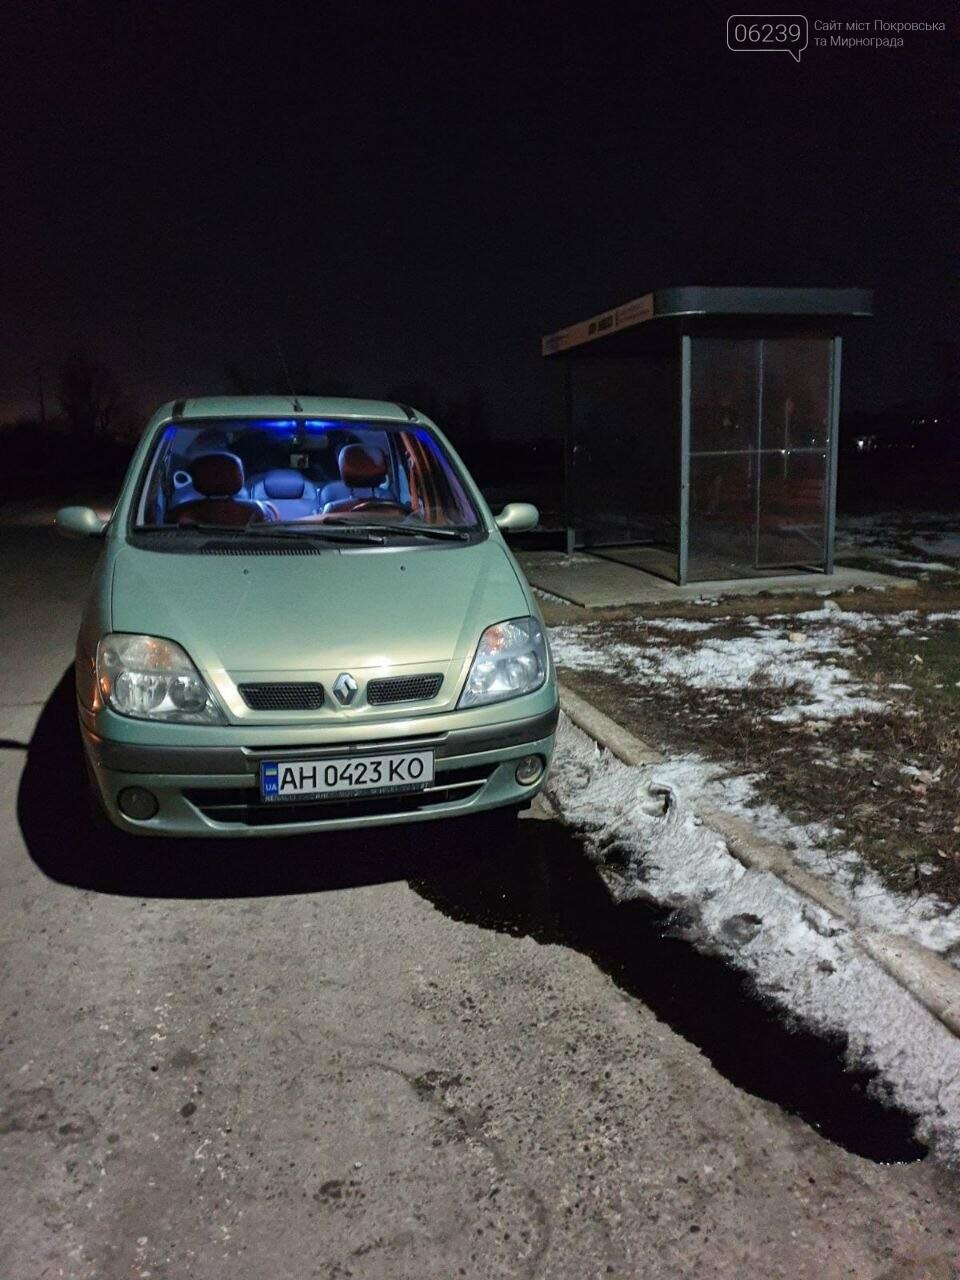 Попал в яму — сам виноват: копы составили протокол на водителя из Покровска, который, въехав в яму, повредил авто, фото-3